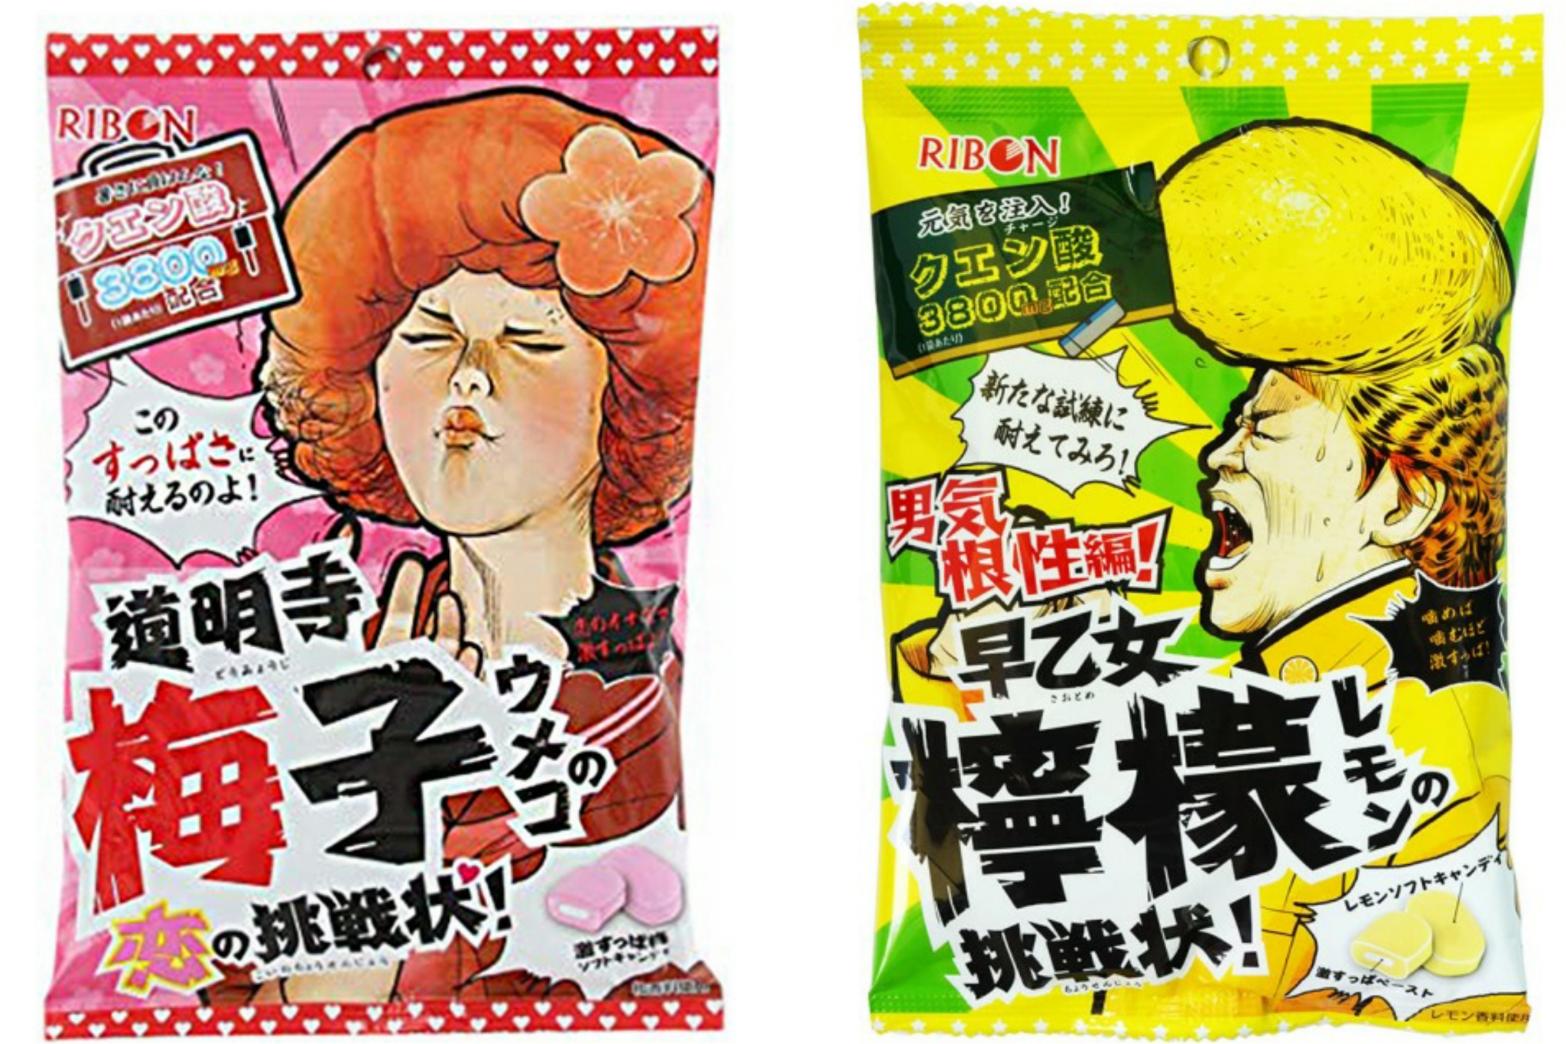 日藥本舖RIBON理本 搞笑浮誇挑戰糖